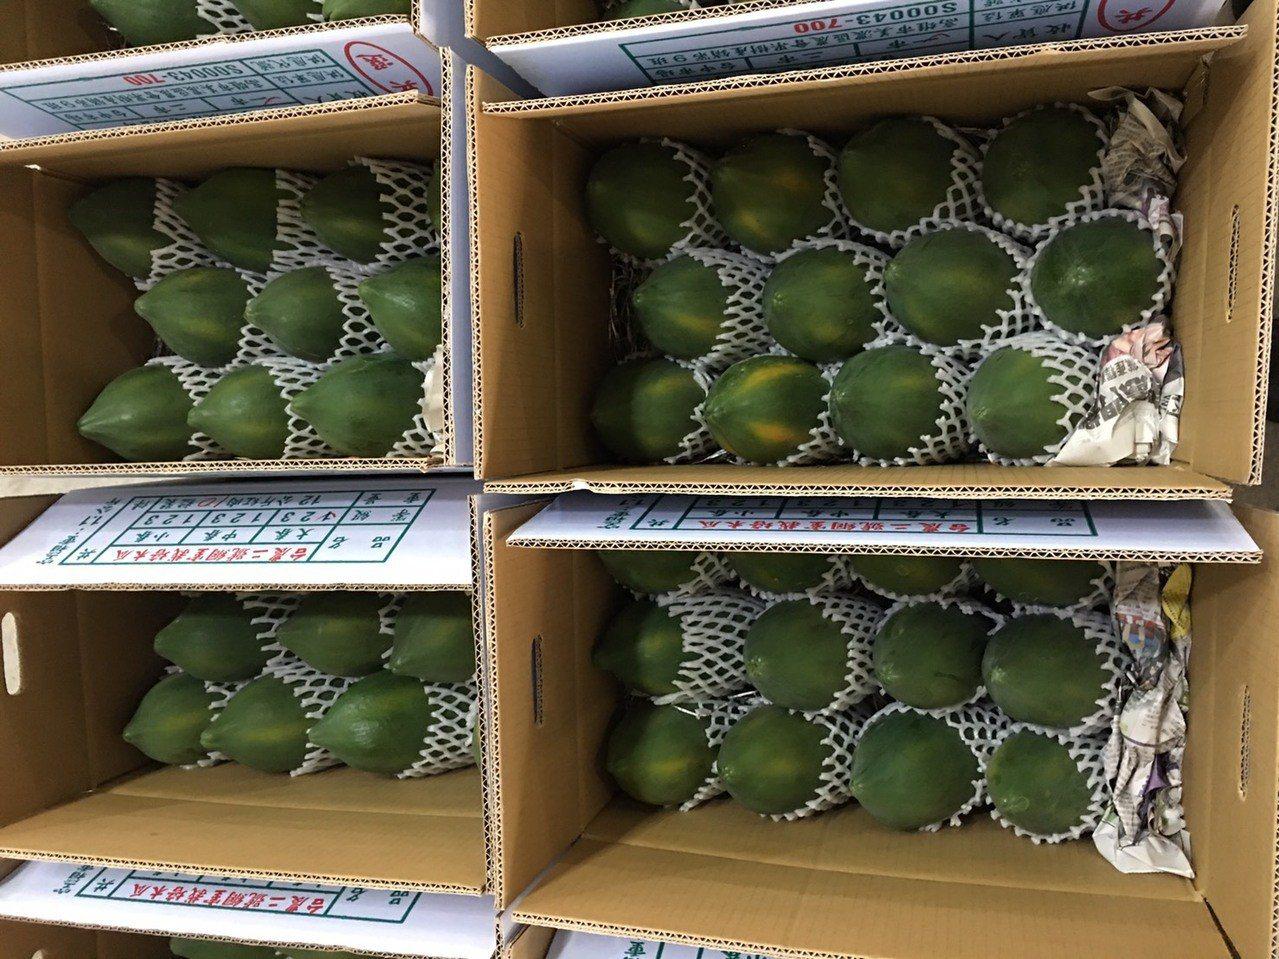 美濃木瓜上電視 高市農業局攜購物台推廣網室木瓜